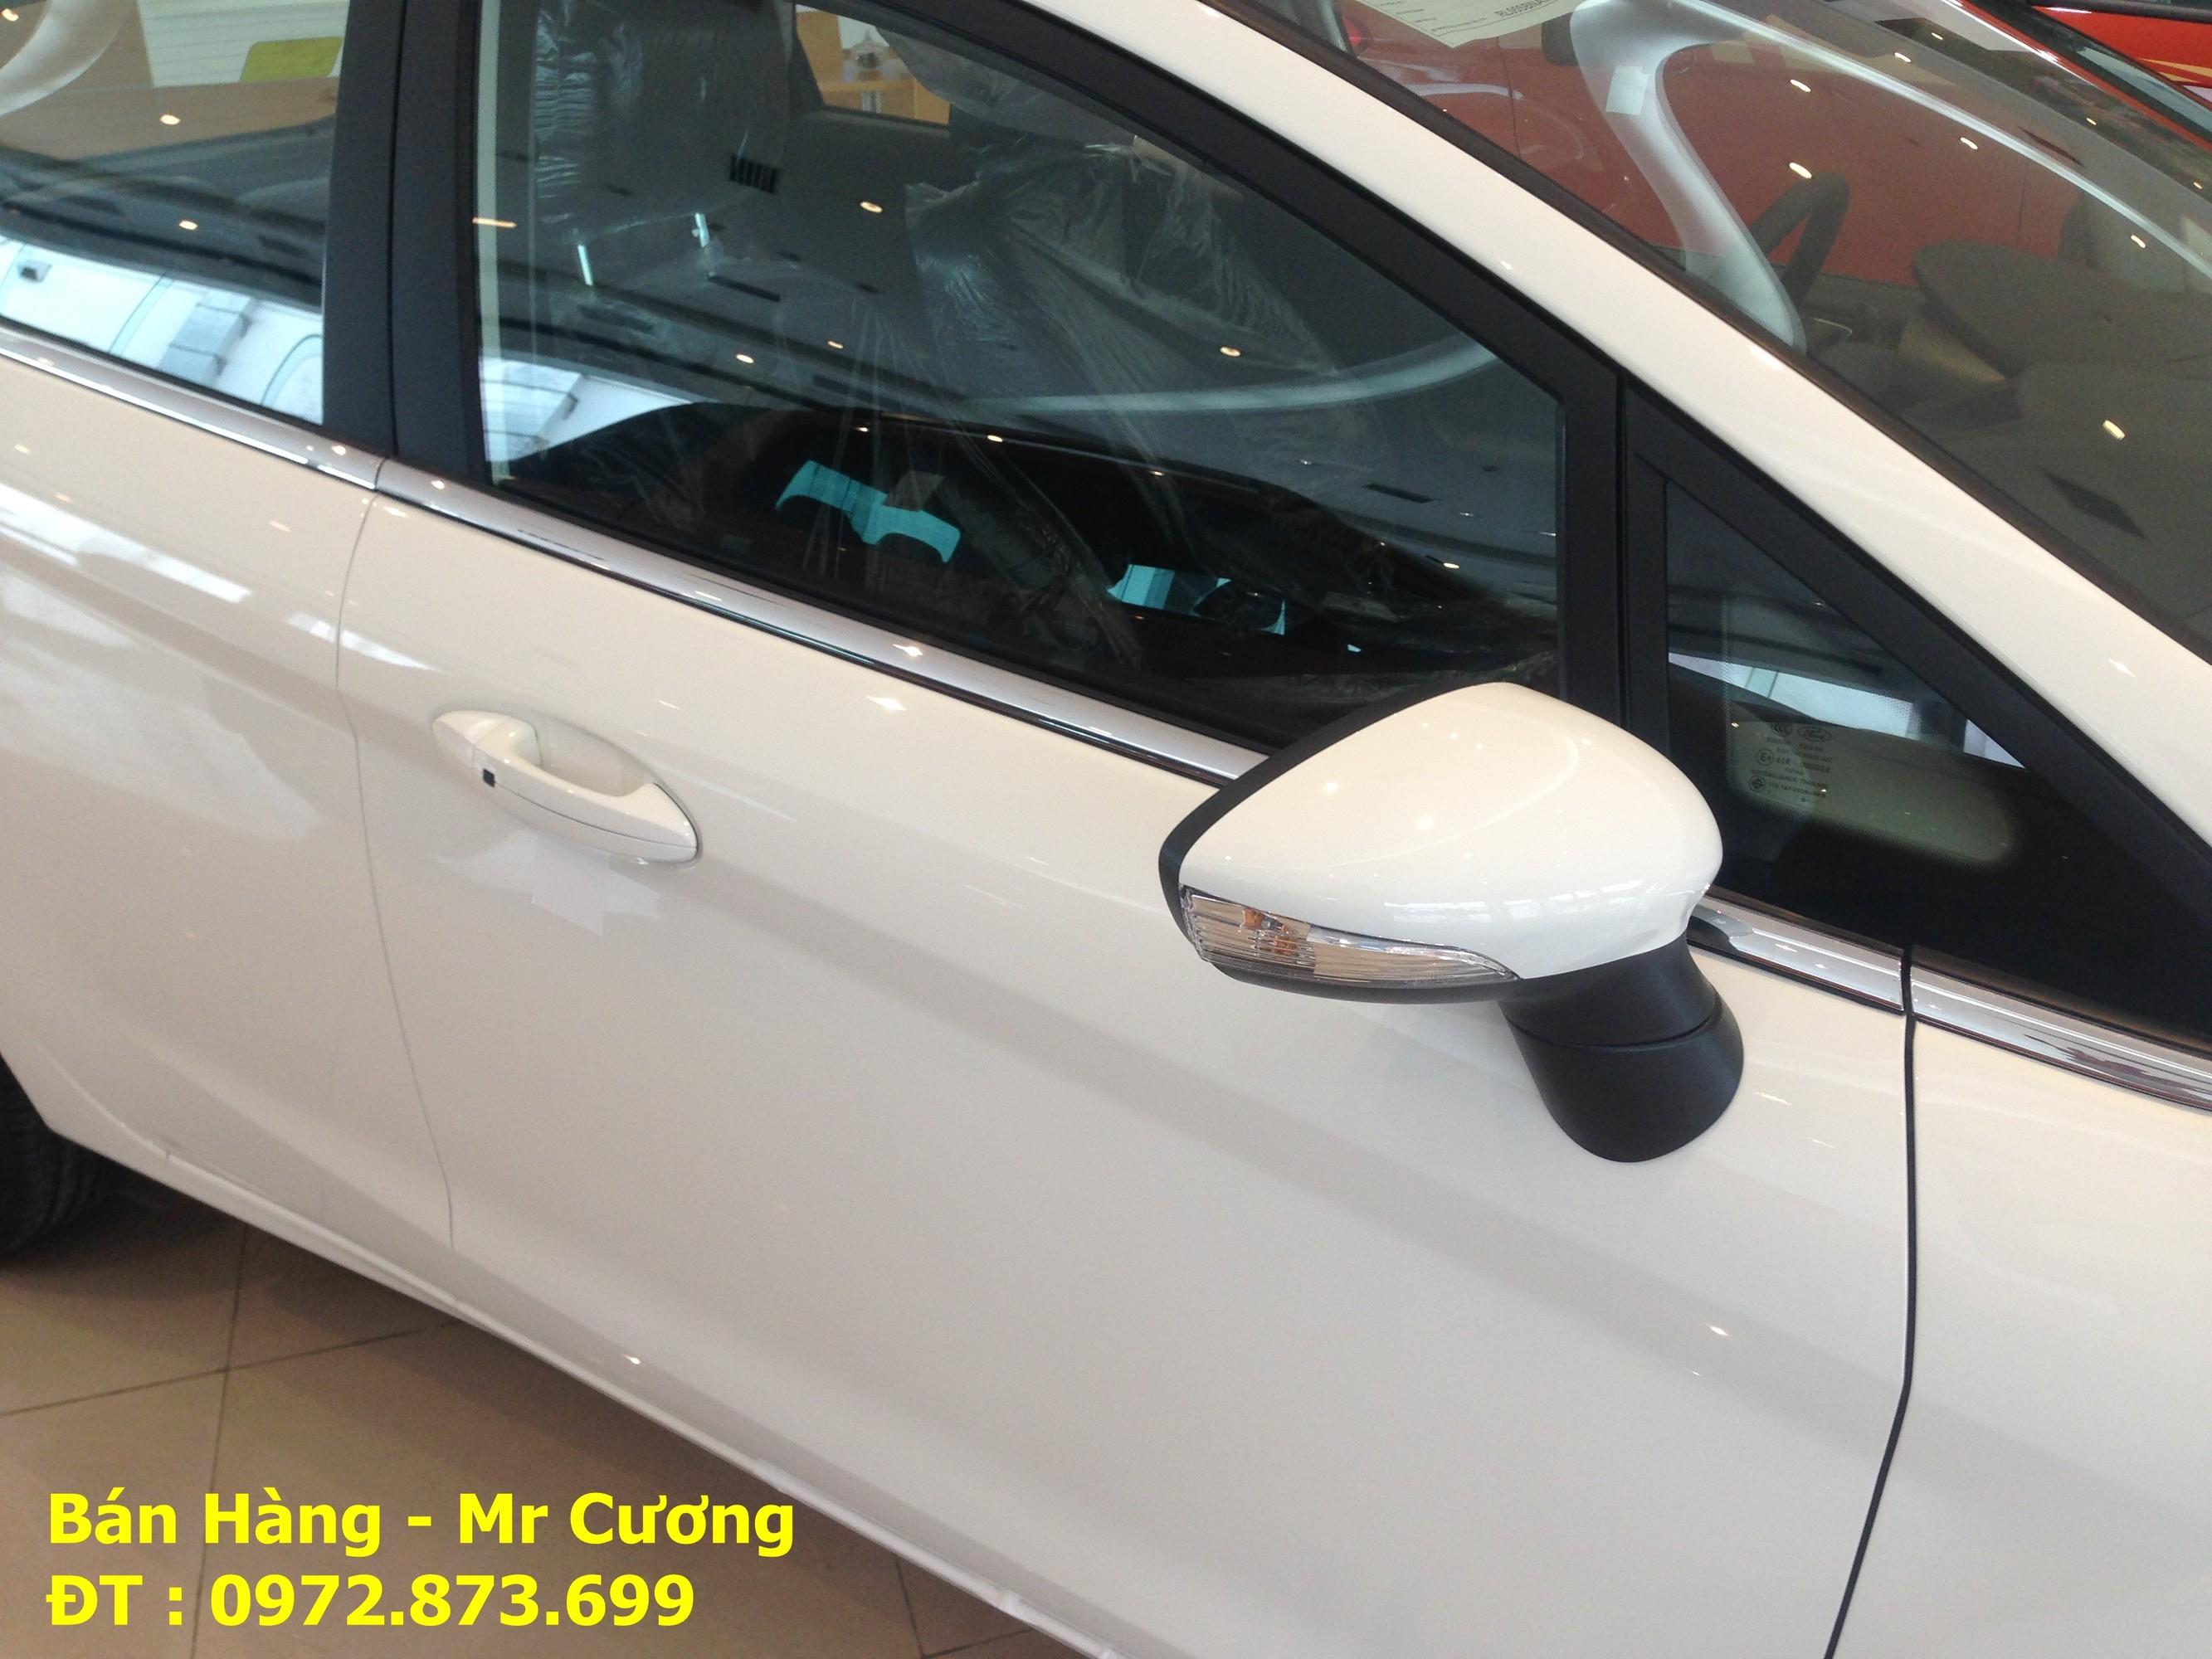 Ford fiesta 1.0 ecoboost màu trắng giá tốt giao xe ngay Ảnh số 40388699